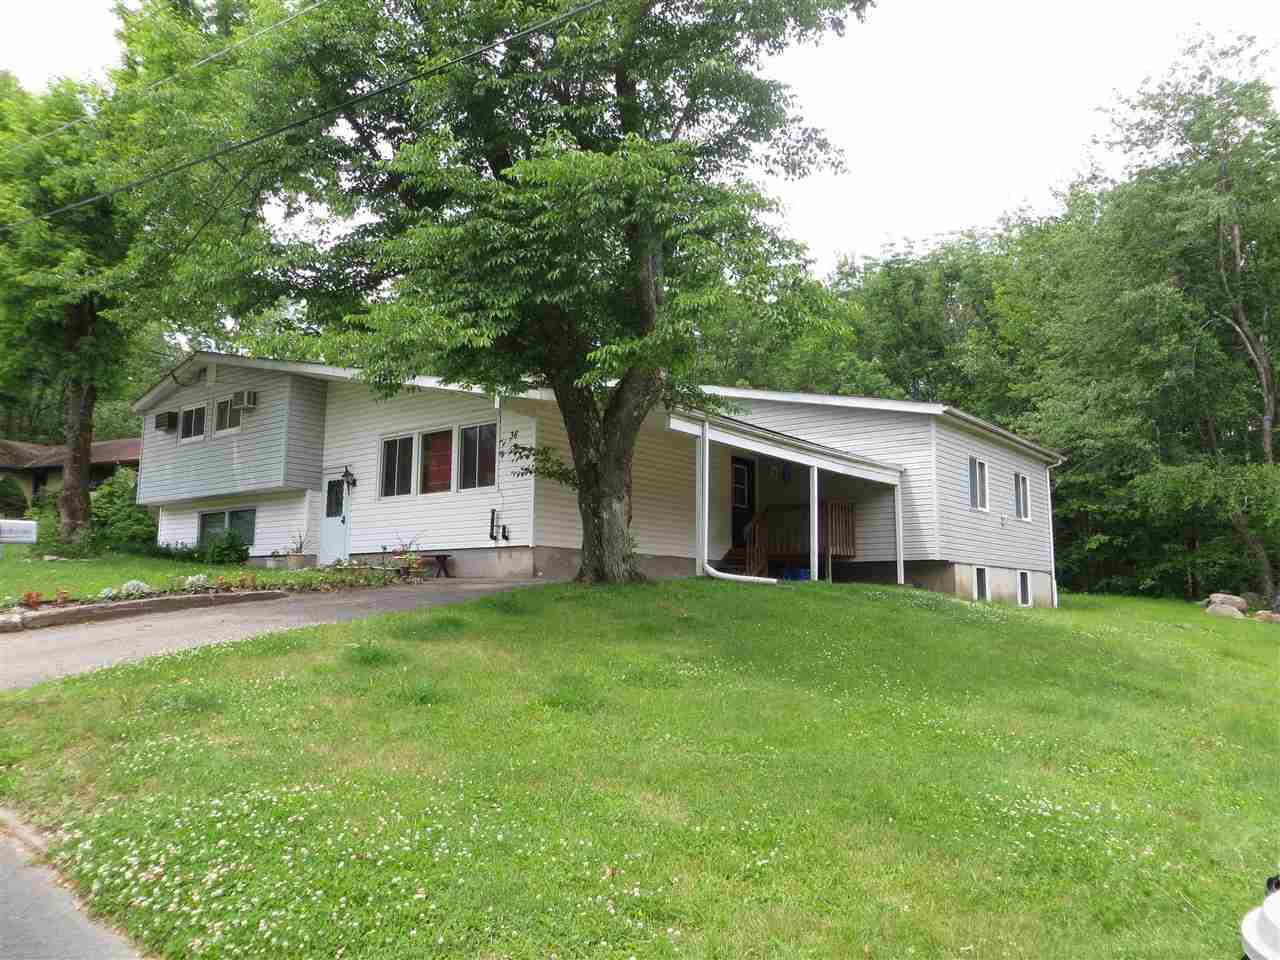 Real Estate for Sale, ListingId: 31769647, Woodridge,NY12789